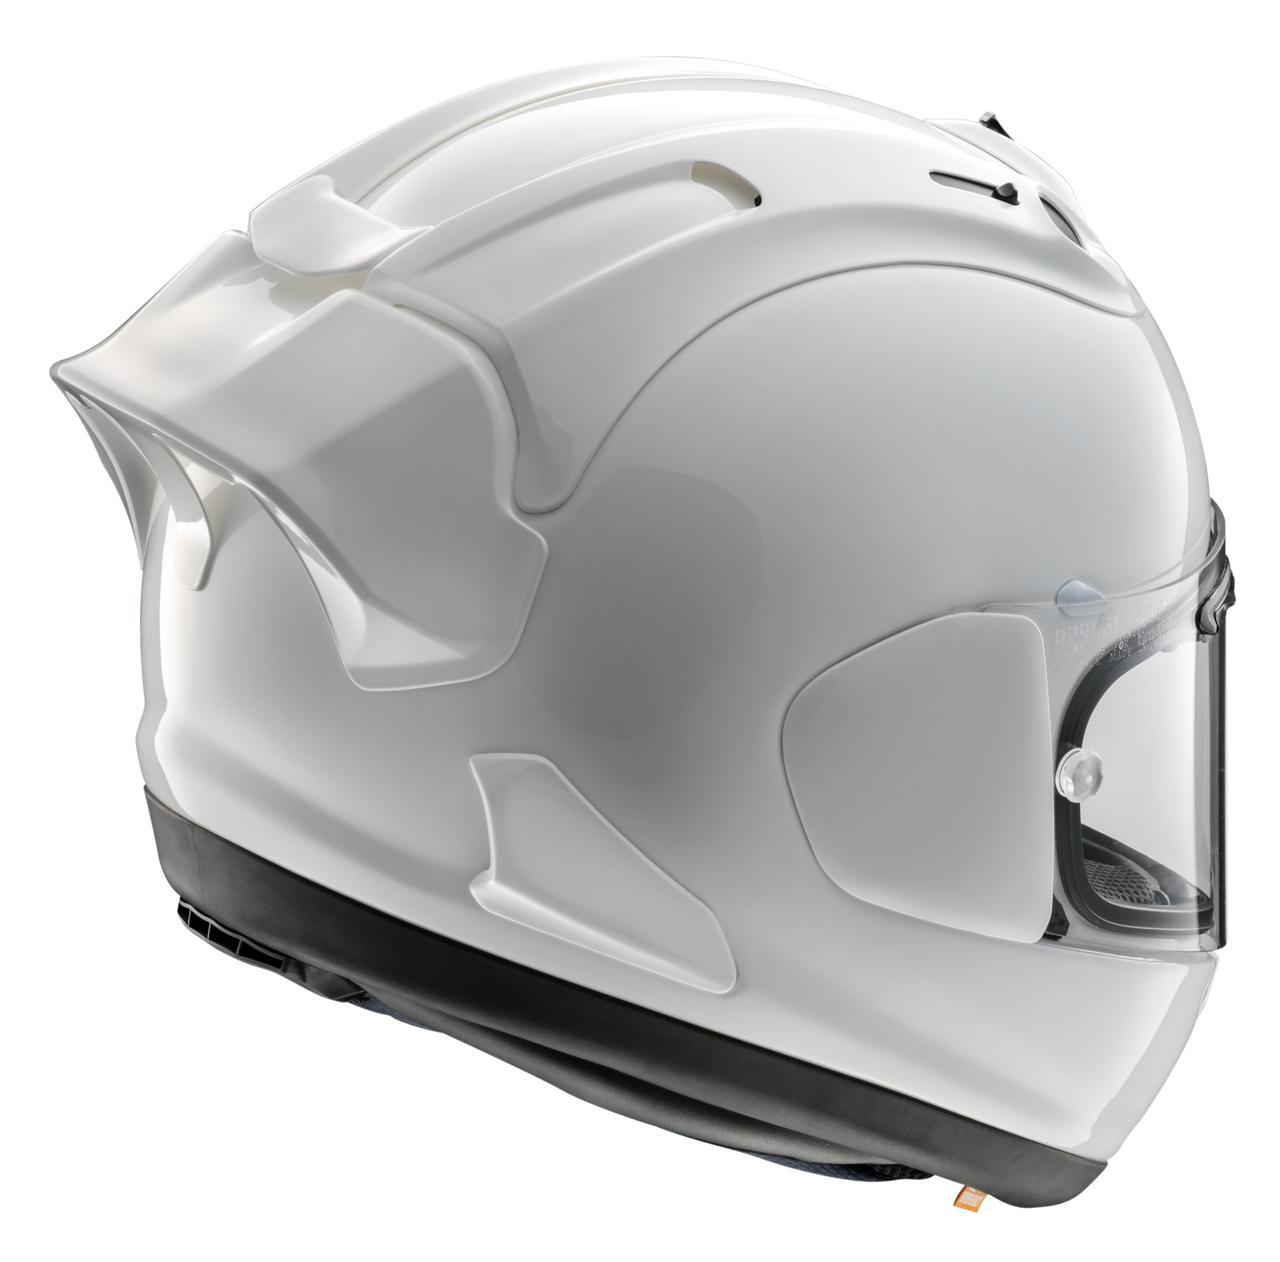 Images : 4番目の画像 - アライヘルメット「RX-7X FIM Racing #1」の写真をもっと見る! - webオートバイ